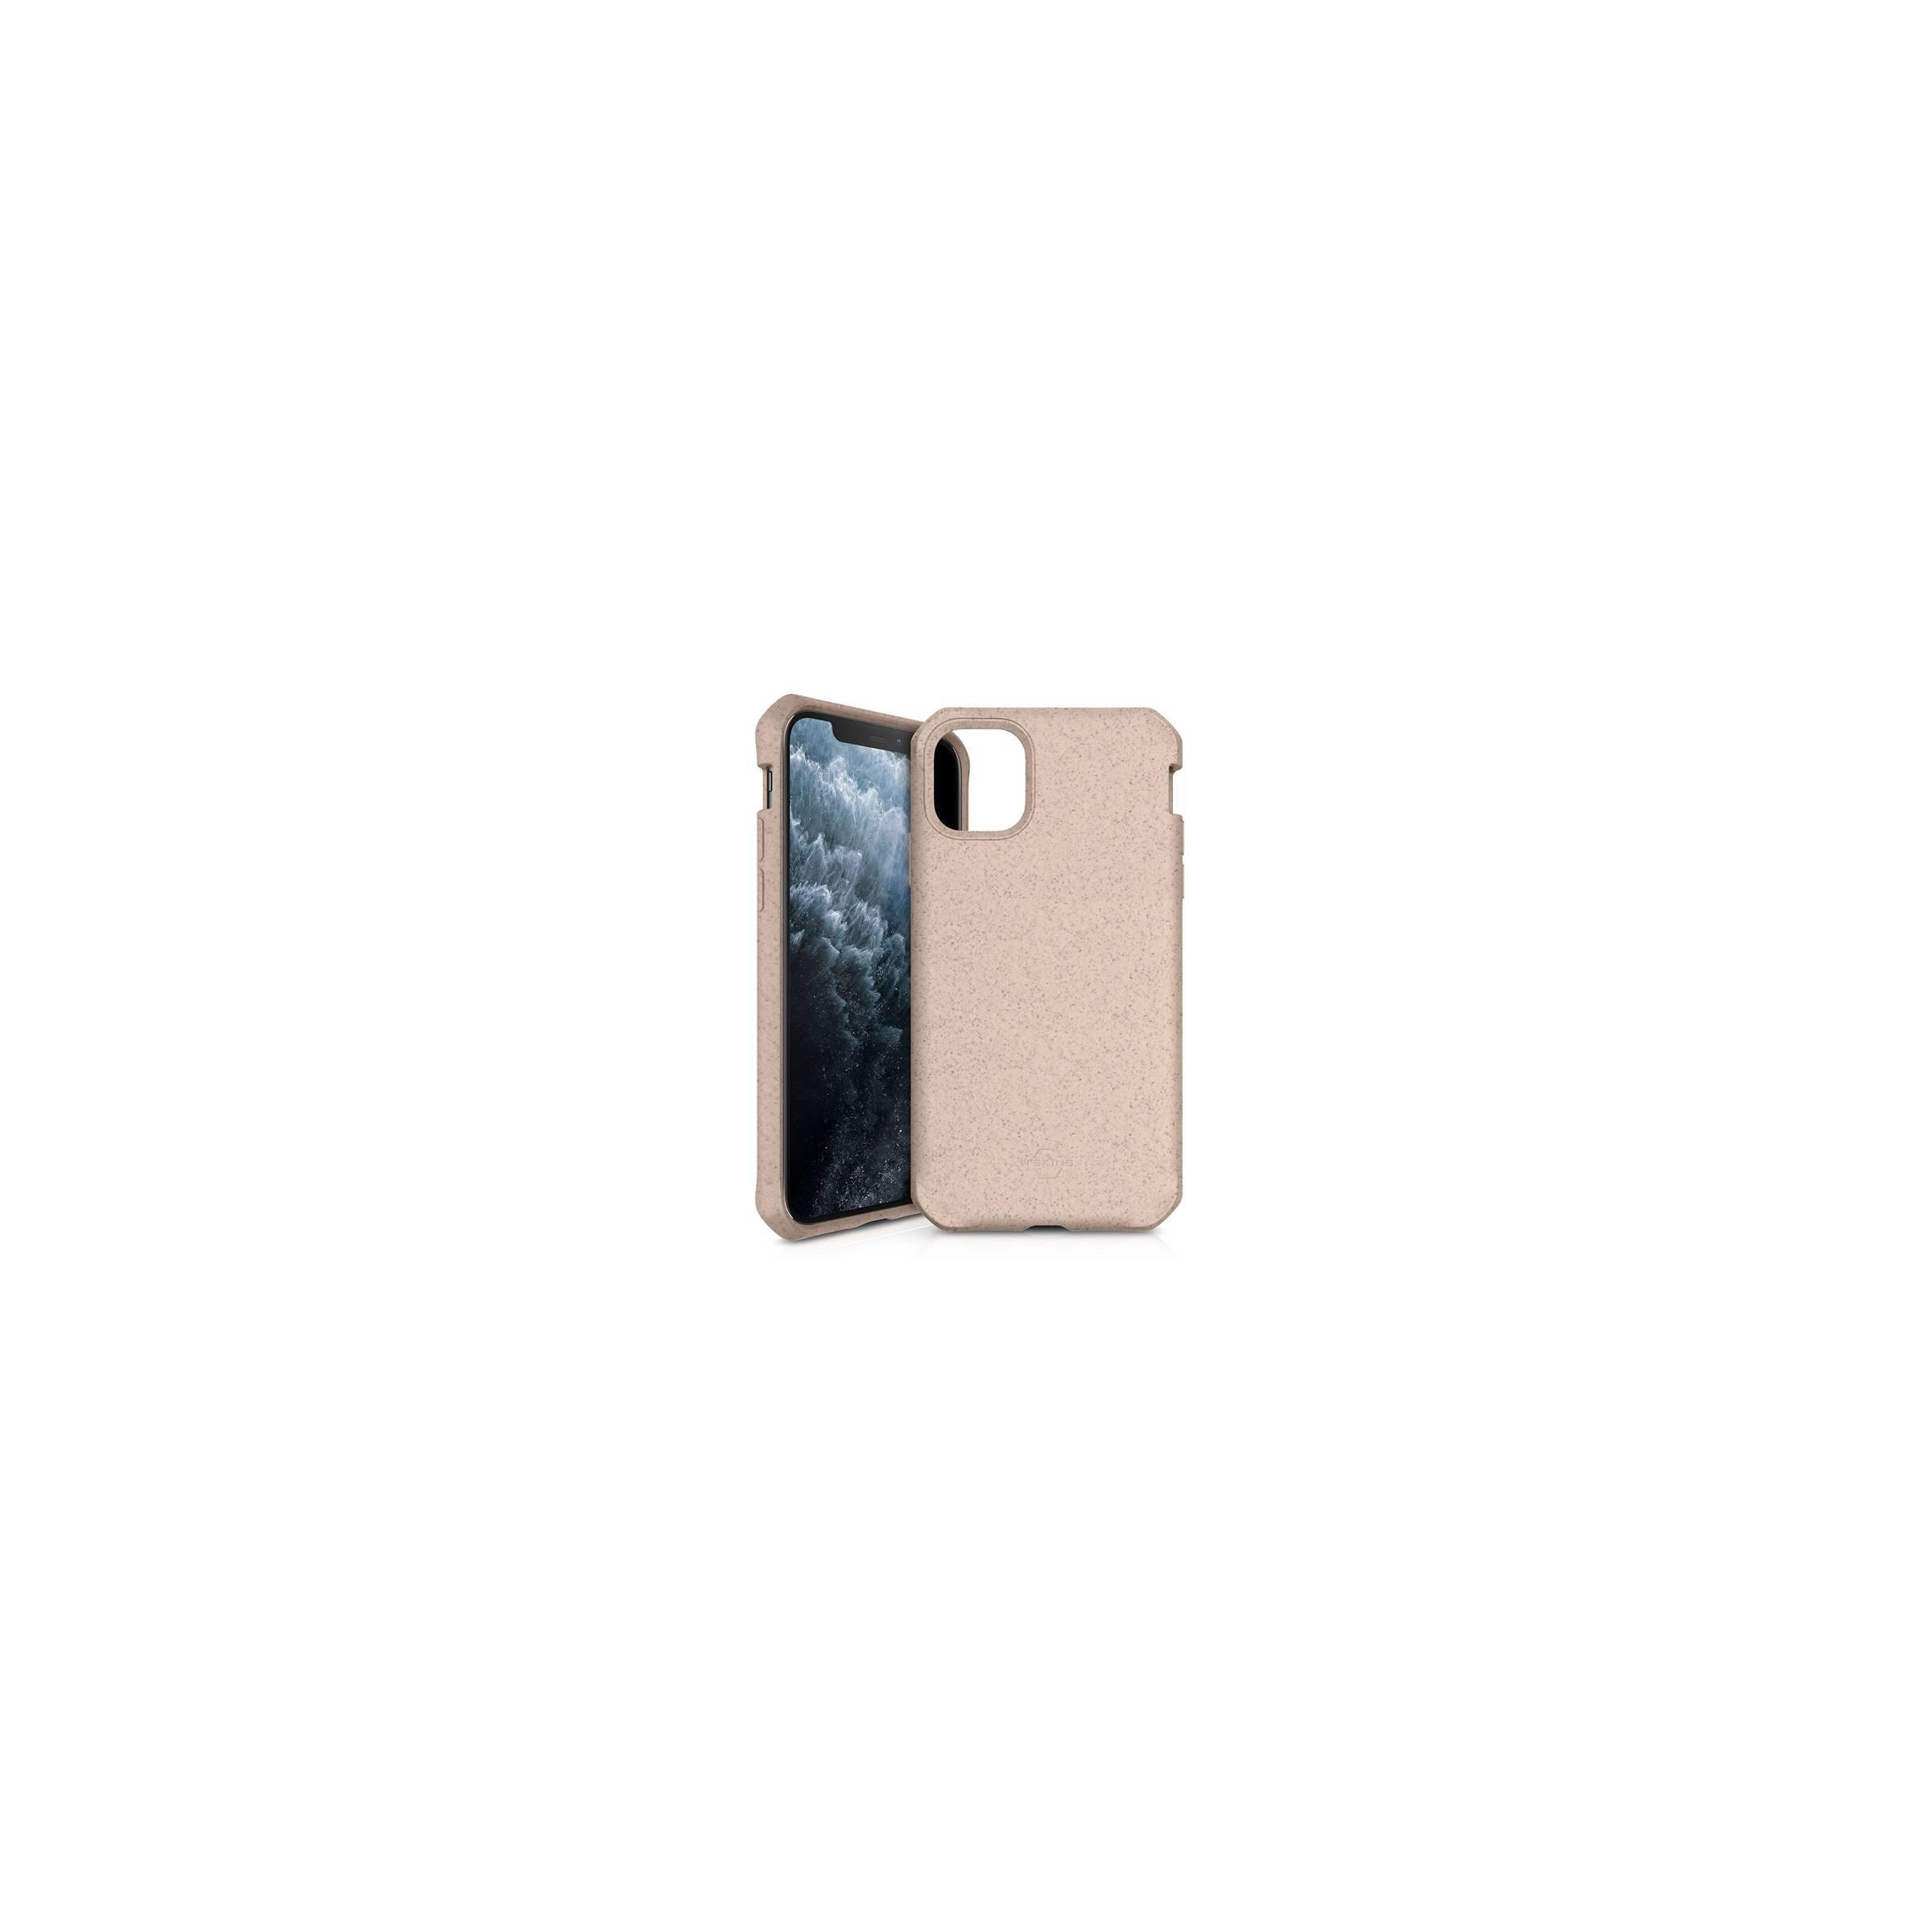 Feroniabio bionedbrydeligt iphone 11 pro max cover fra itskins fra itskins på mackabler.dk